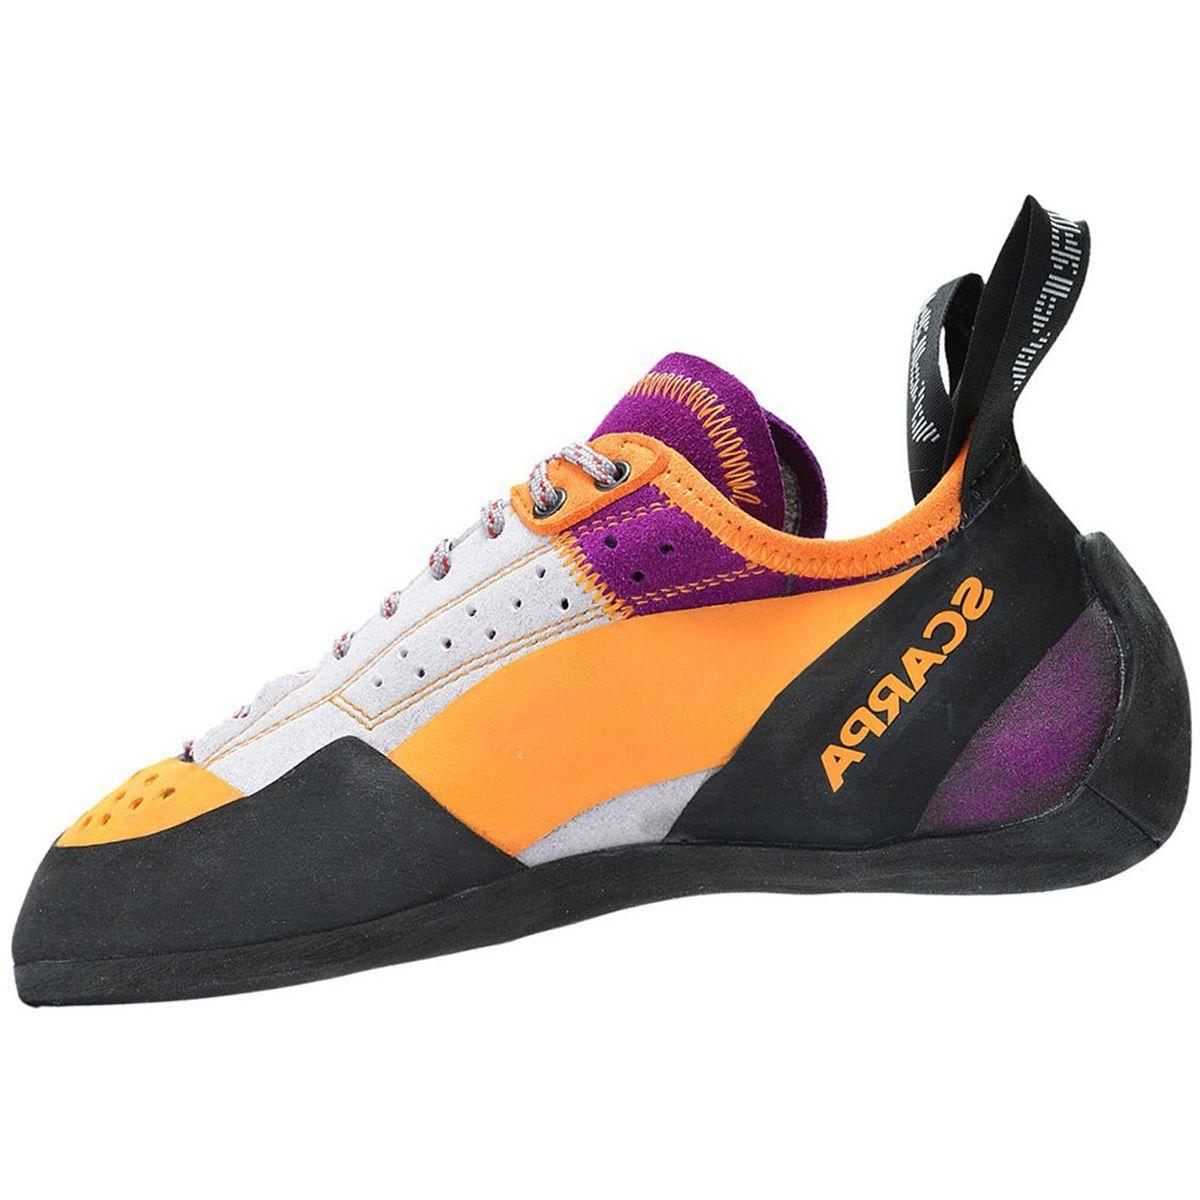 Scarpa Techno X Climbing Shoe - Women's